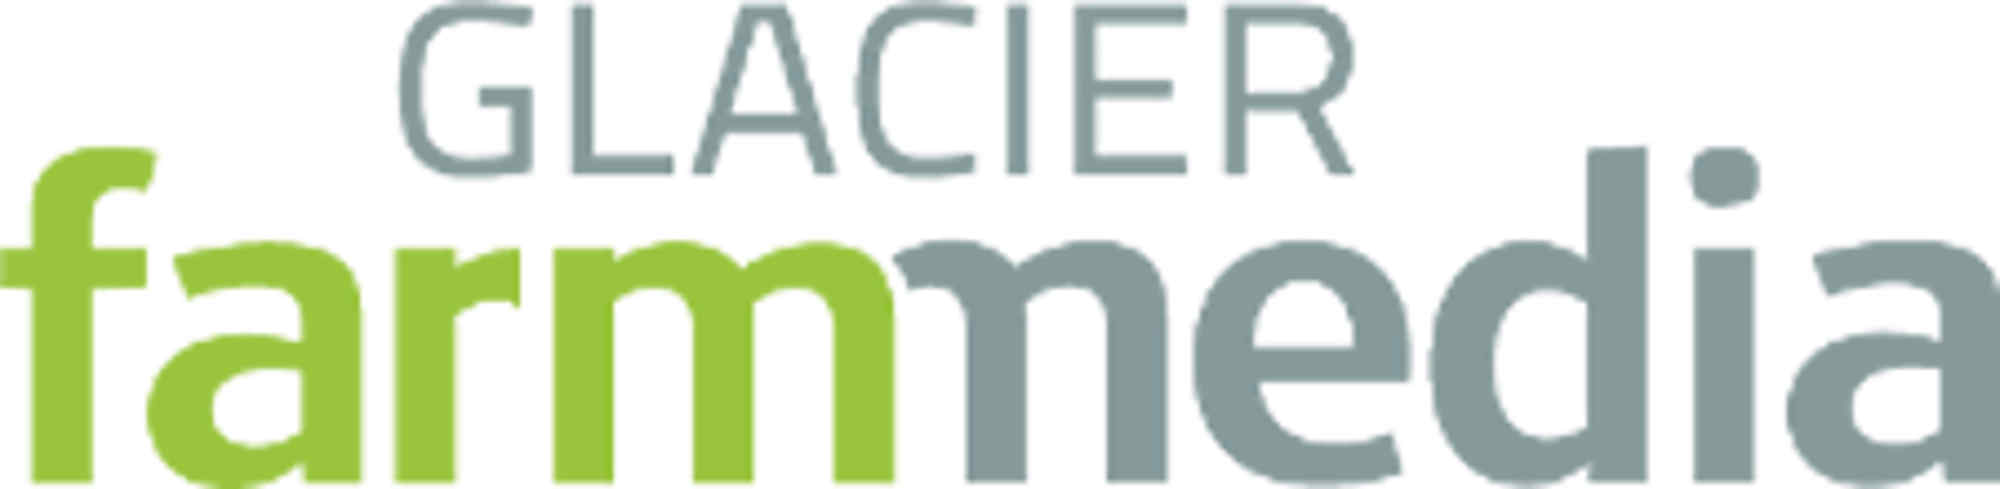 GFM-logo2.jpeg